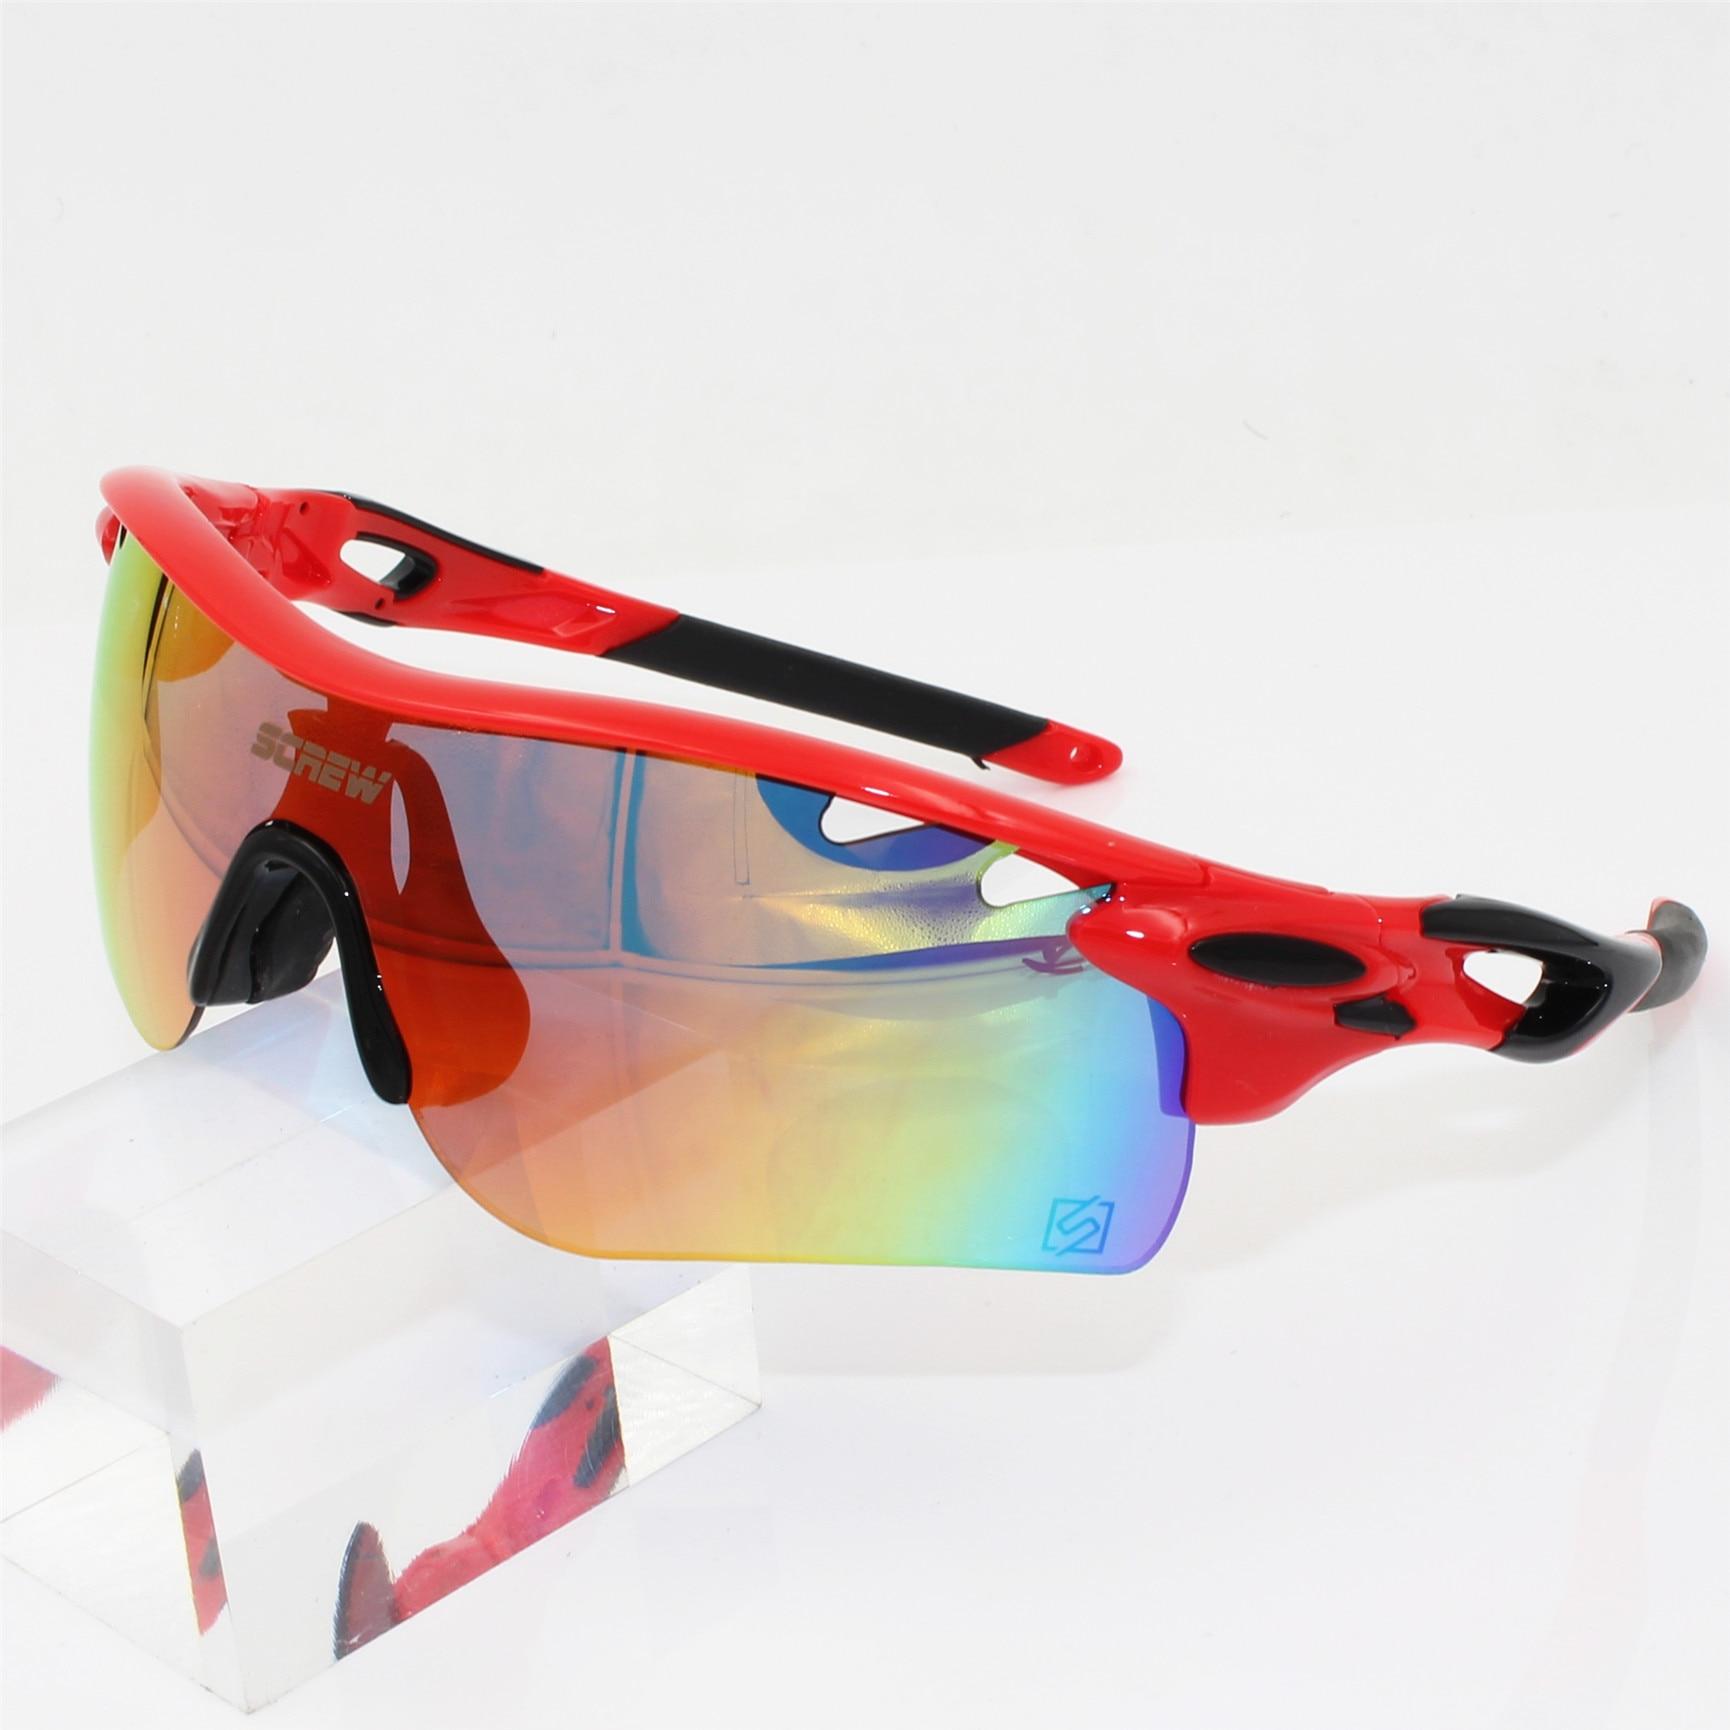 2017 venta hombre polarizado Gafas de Ciclismo bicicleta deporte Gafas de  sol 5 lentes Oculos Bike Gafas Ciclismo MTB e081925b62